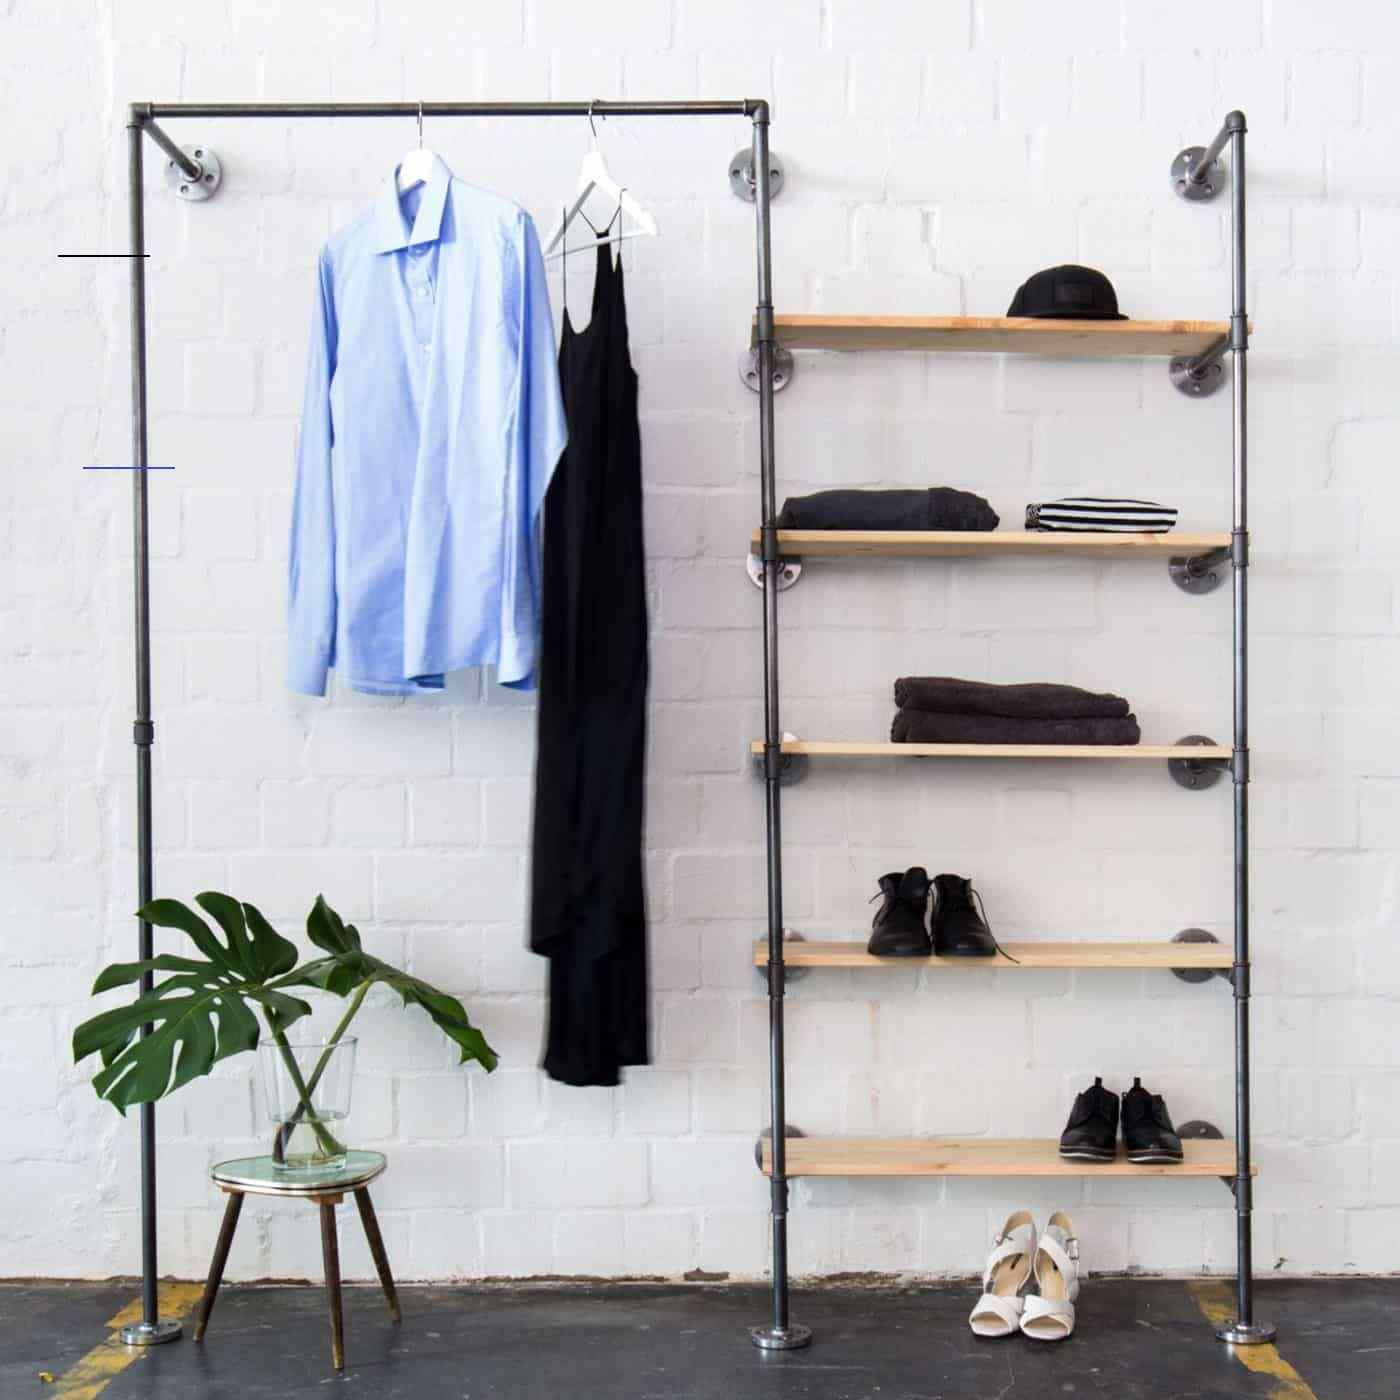 Garderobe Industrial Design Offenen Kleiderschrank Online Bestellen Industridesign Industrial Design Ankleidesyste In 2020 Kledingrek Open Kleerkast Kast Kleding